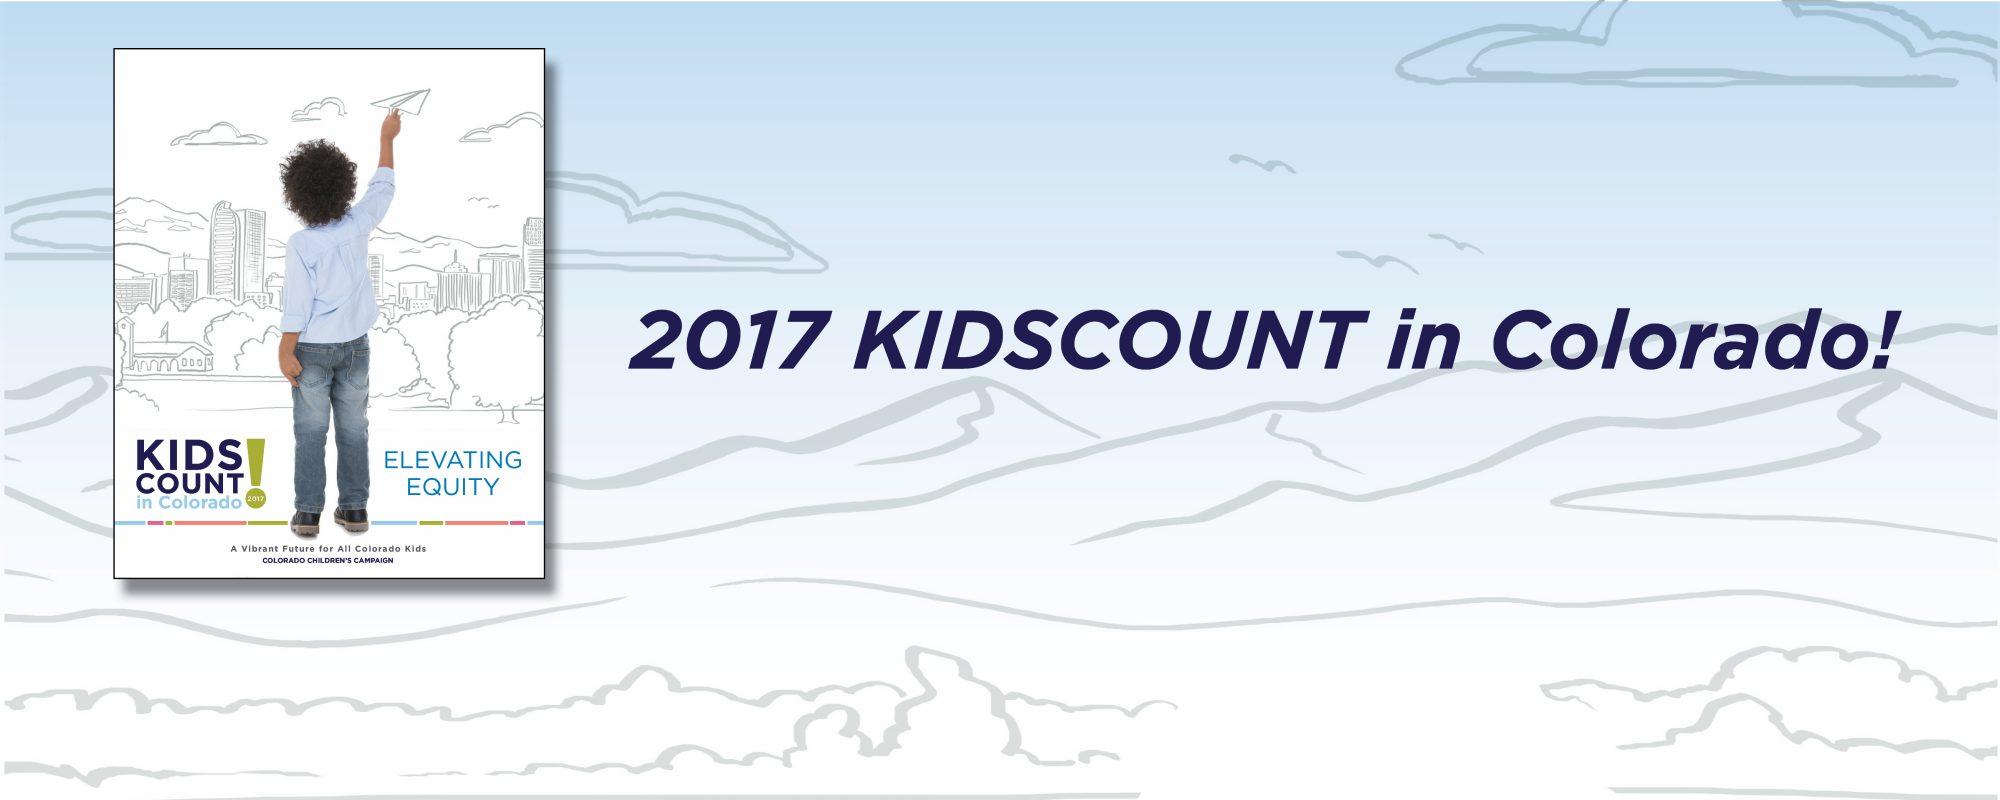 Kids Count Slider images